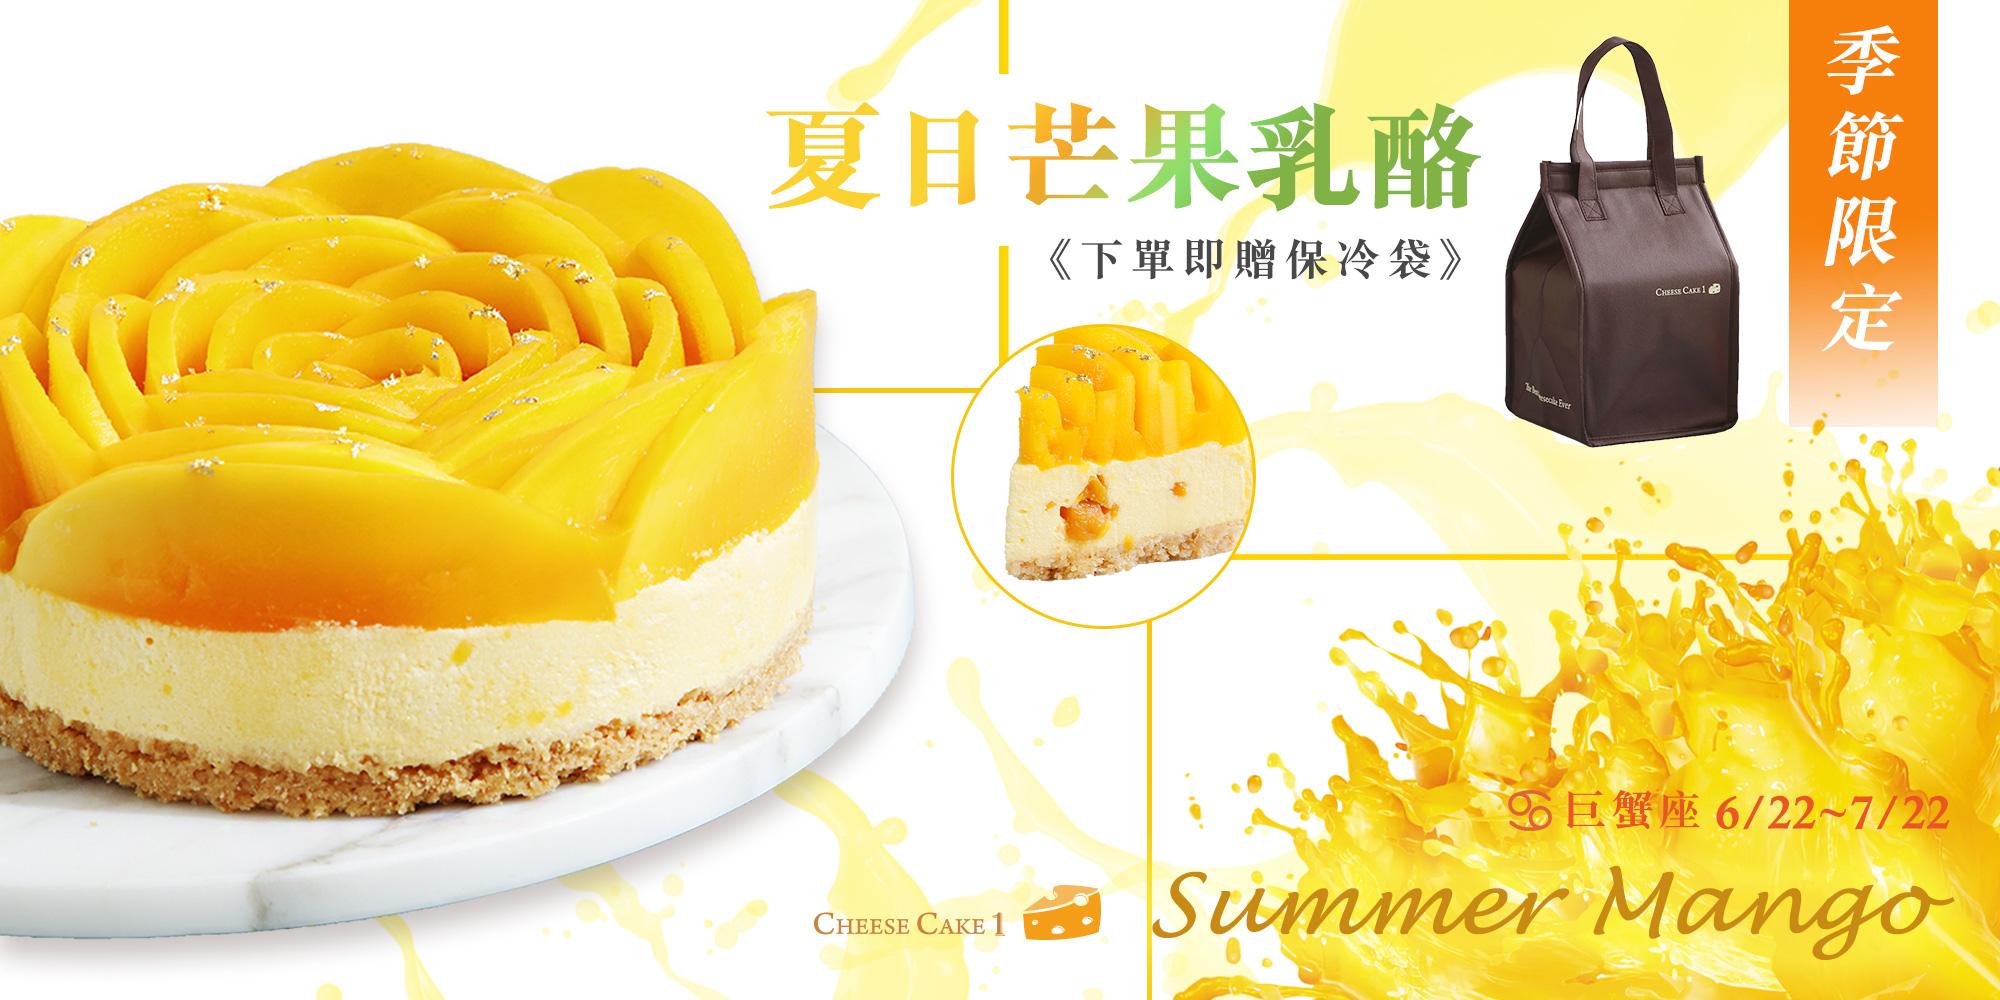 芒果,芒果蛋糕,生日蛋糕